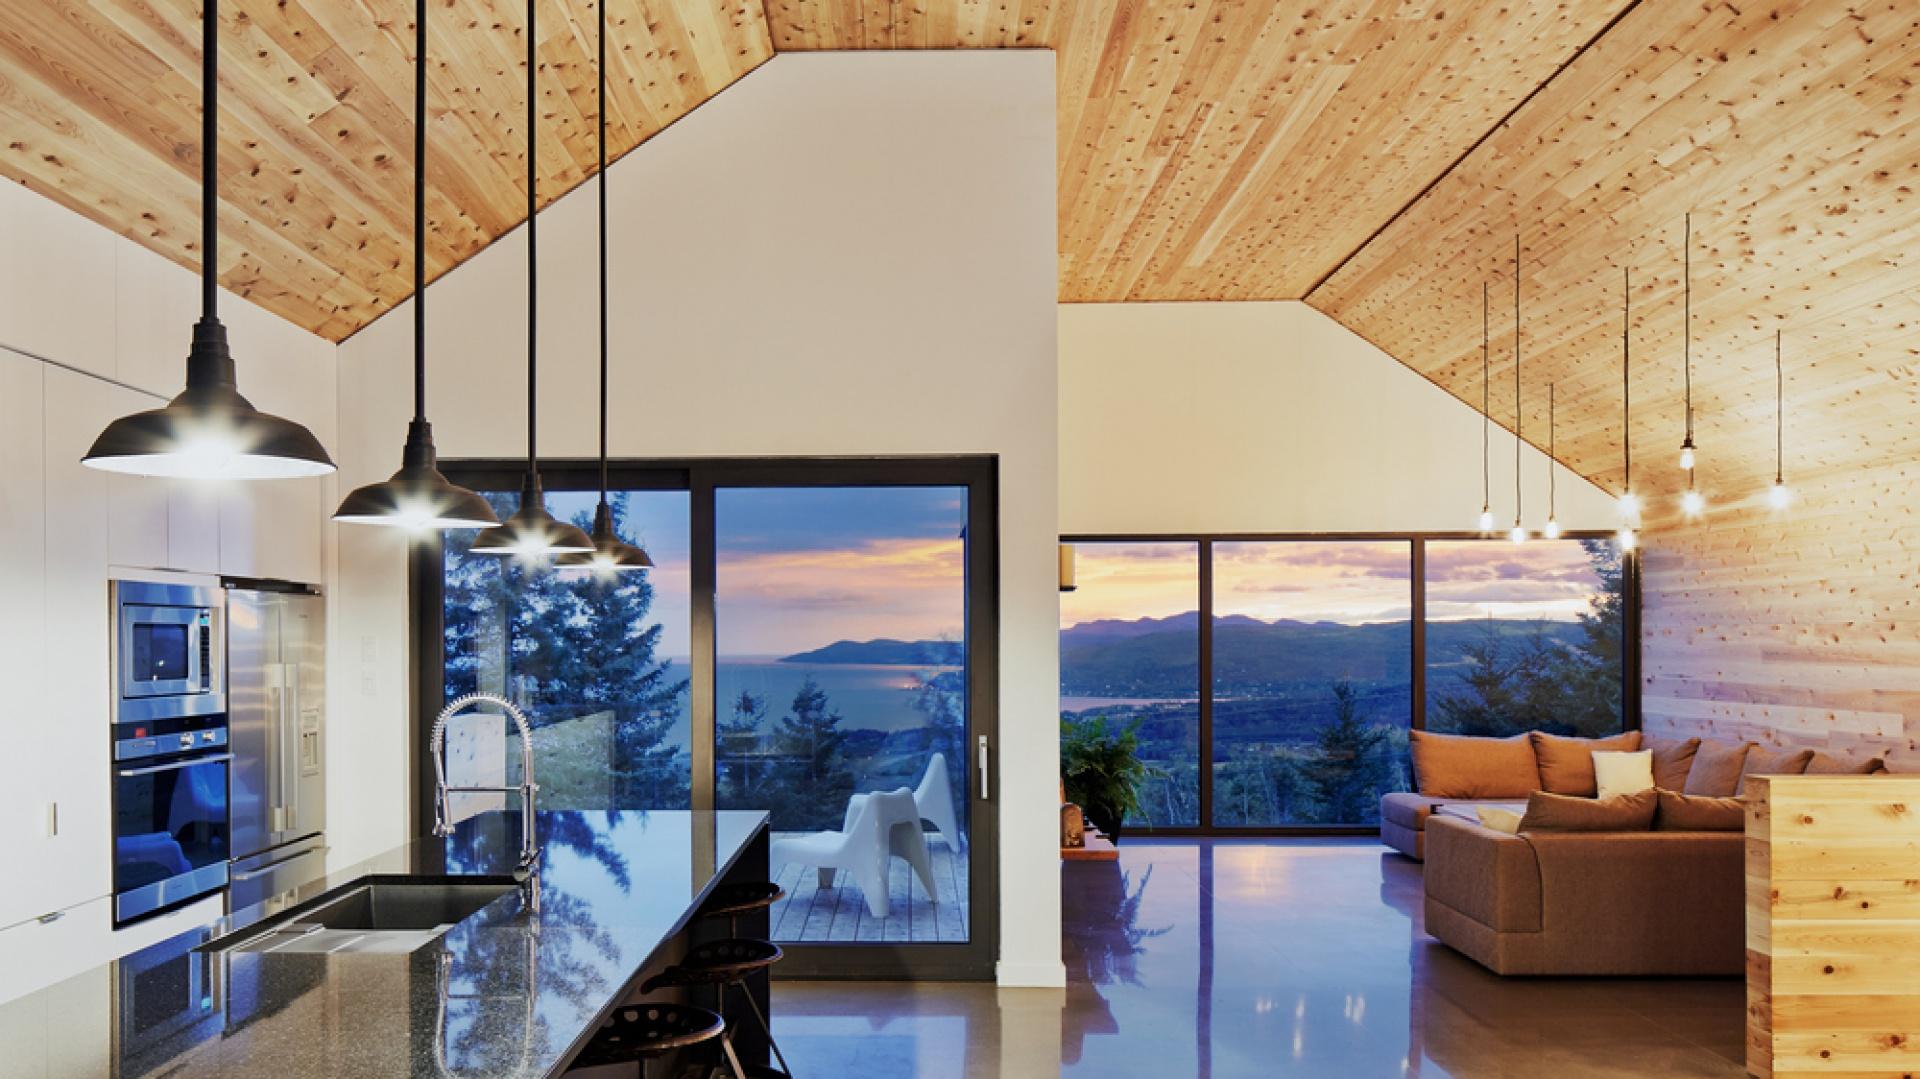 Strefę dzienną urządzono na ostatniej kondygnacji domu, tak aby goście mogli podziwiać w pełni, otaczające dom krajobrazy. W pomieszczeniu znalazły się salon, jadalnia i nowoczesna kuchnia z wyspą i wysoką, wpasowaną w ścianę, zabudową. Projekt: MU Architecture. Fot. Ulysse Lemerise Bouchard.